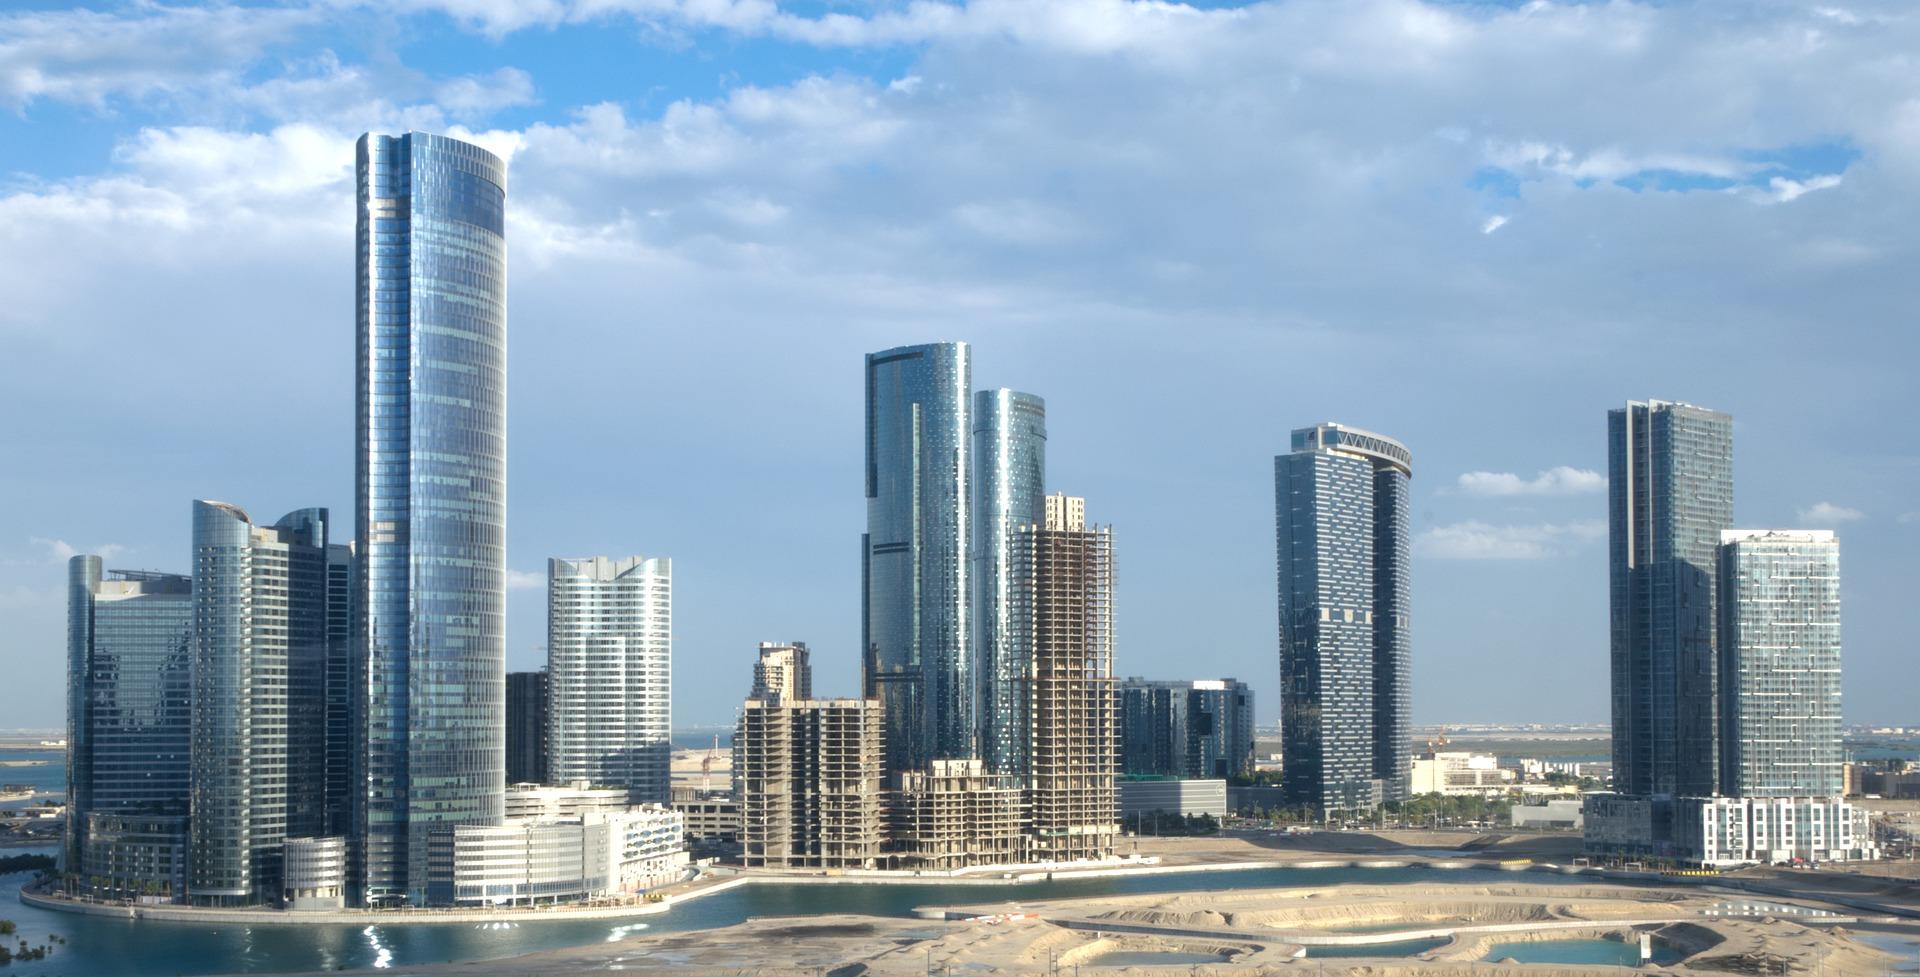 الإمارات UAE محمد بن راشد ومحمد بن زايد..القادم أجمل بإذن الله